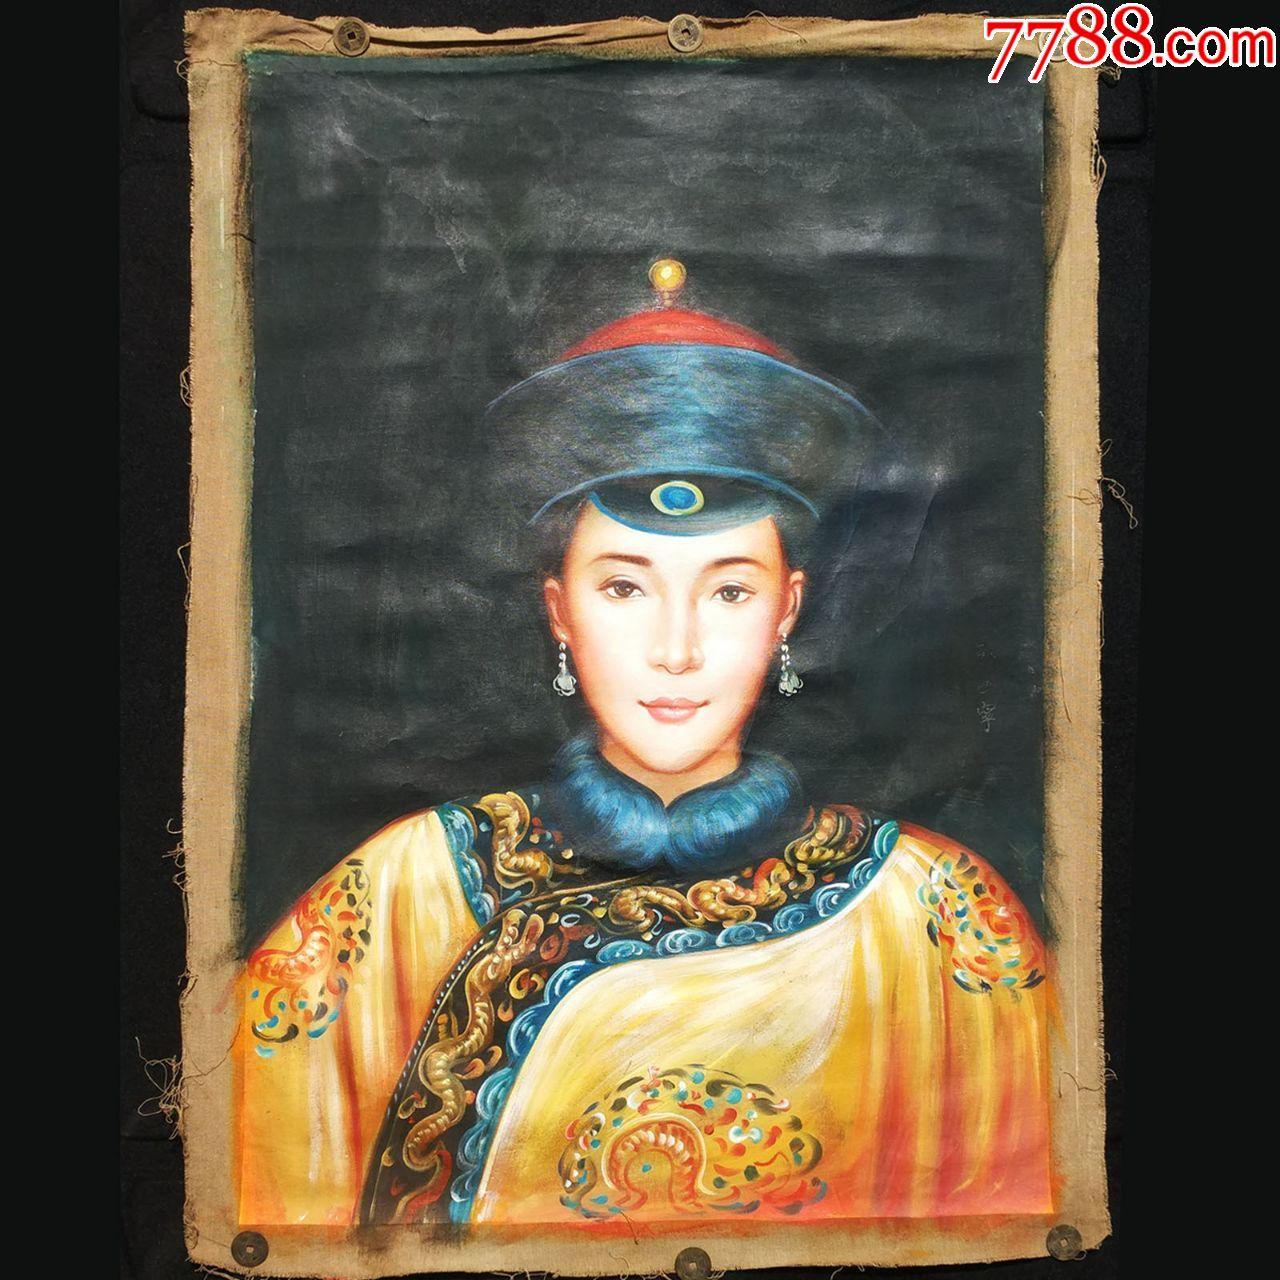 清朝孝庄太后的简介: 孝庄文皇后(1613年-1688年),博尔济吉特氏(意图片